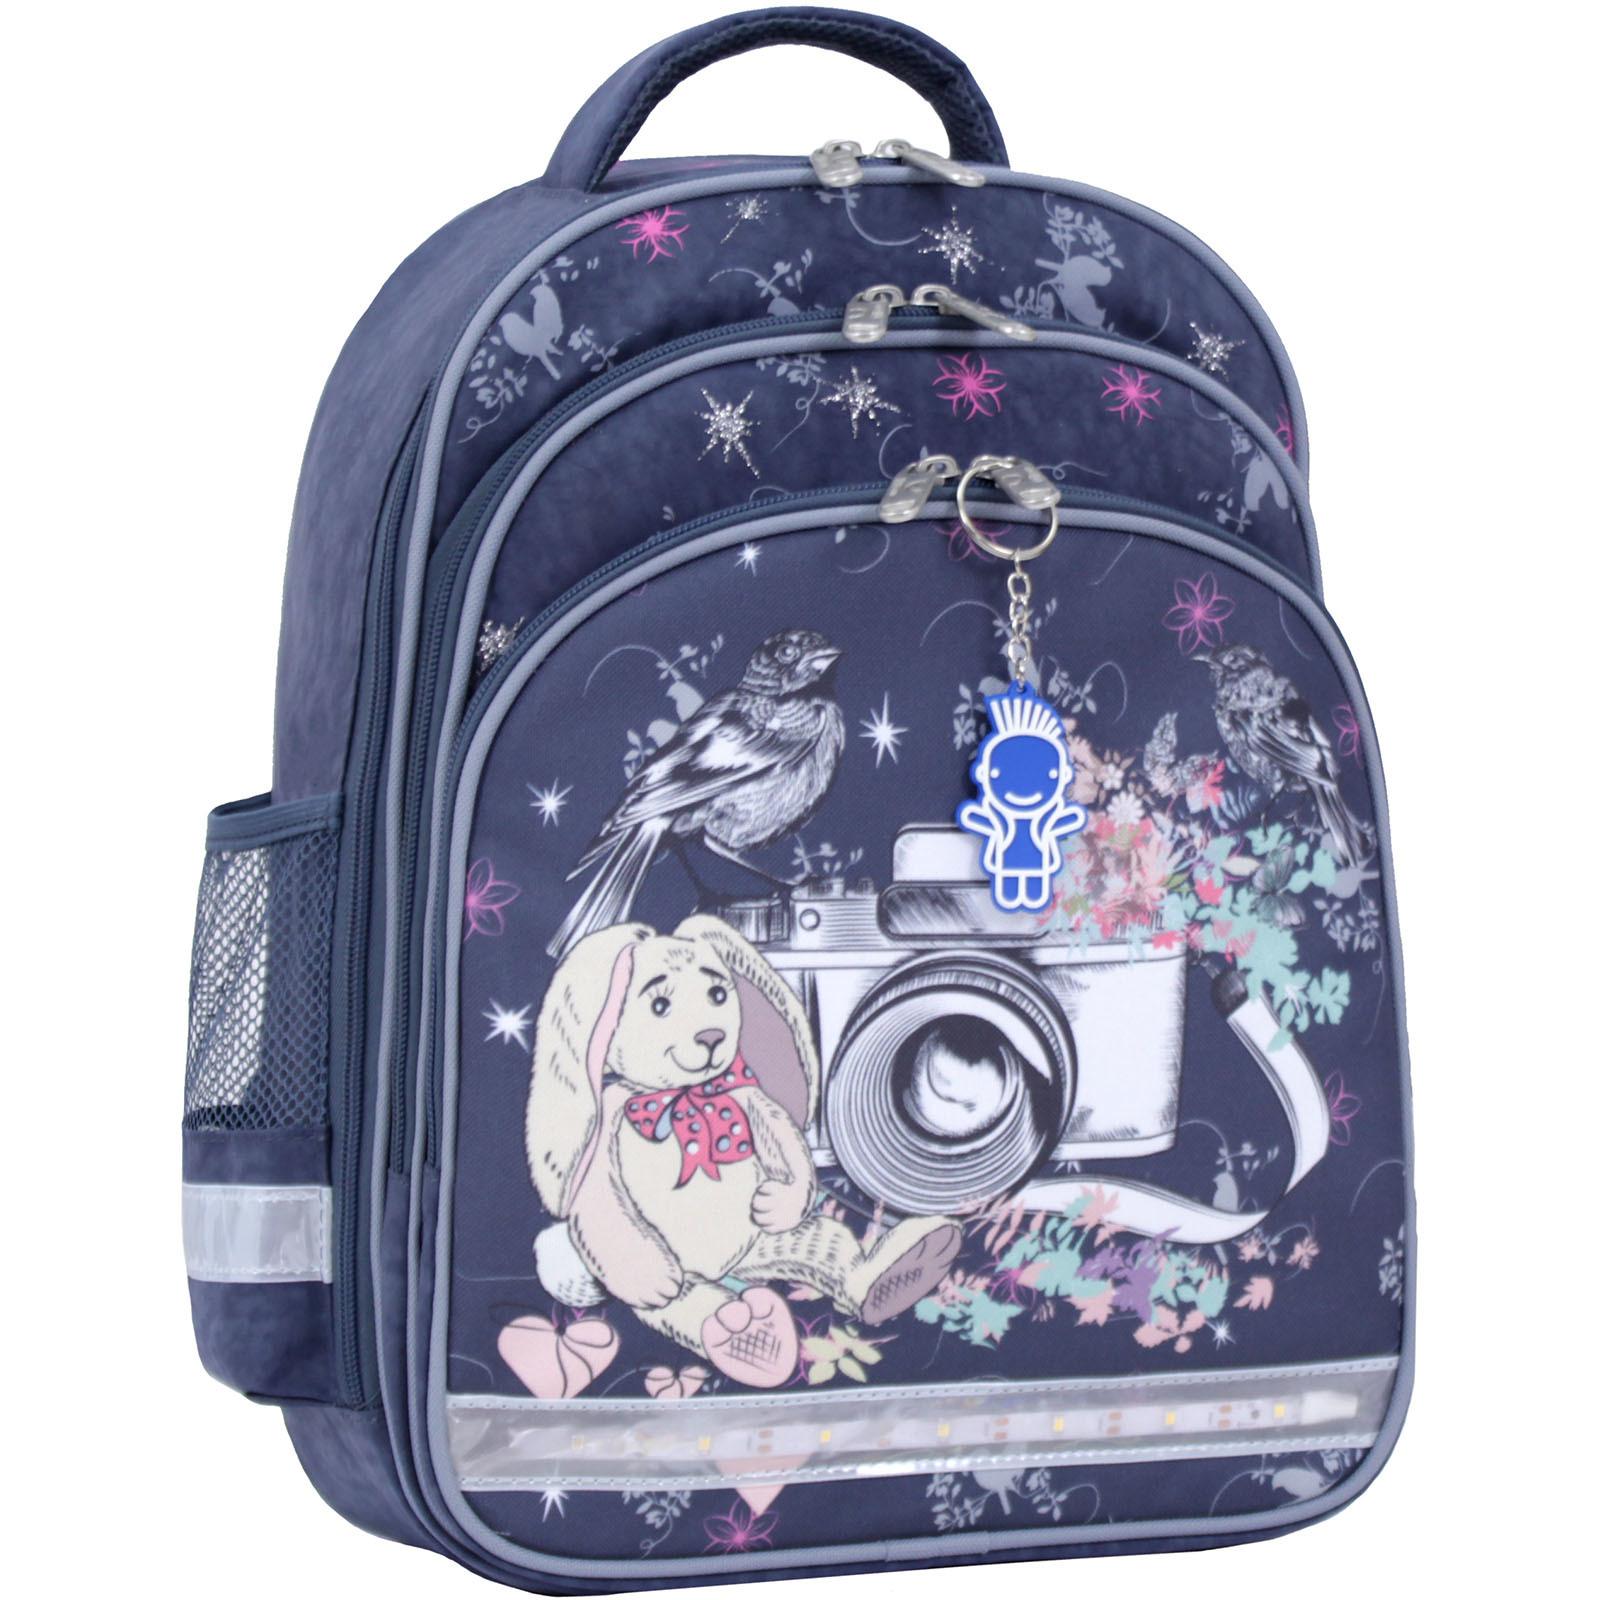 Рюкзак школьный Bagland Mouse 321 серый 210к (0051370) фото 1